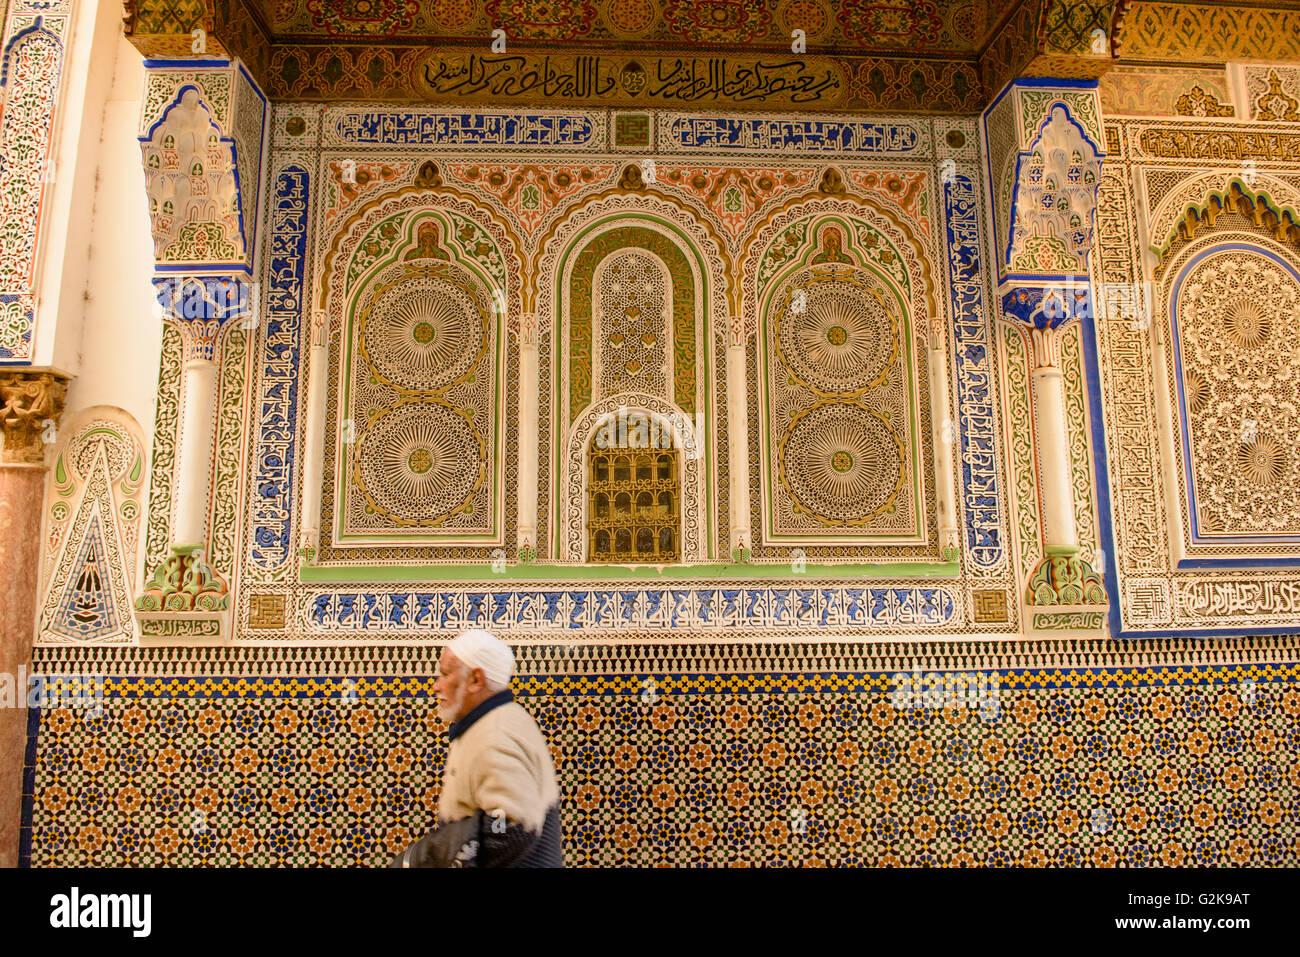 Piastrelle decorative lavorare sull esterno della moschea medina